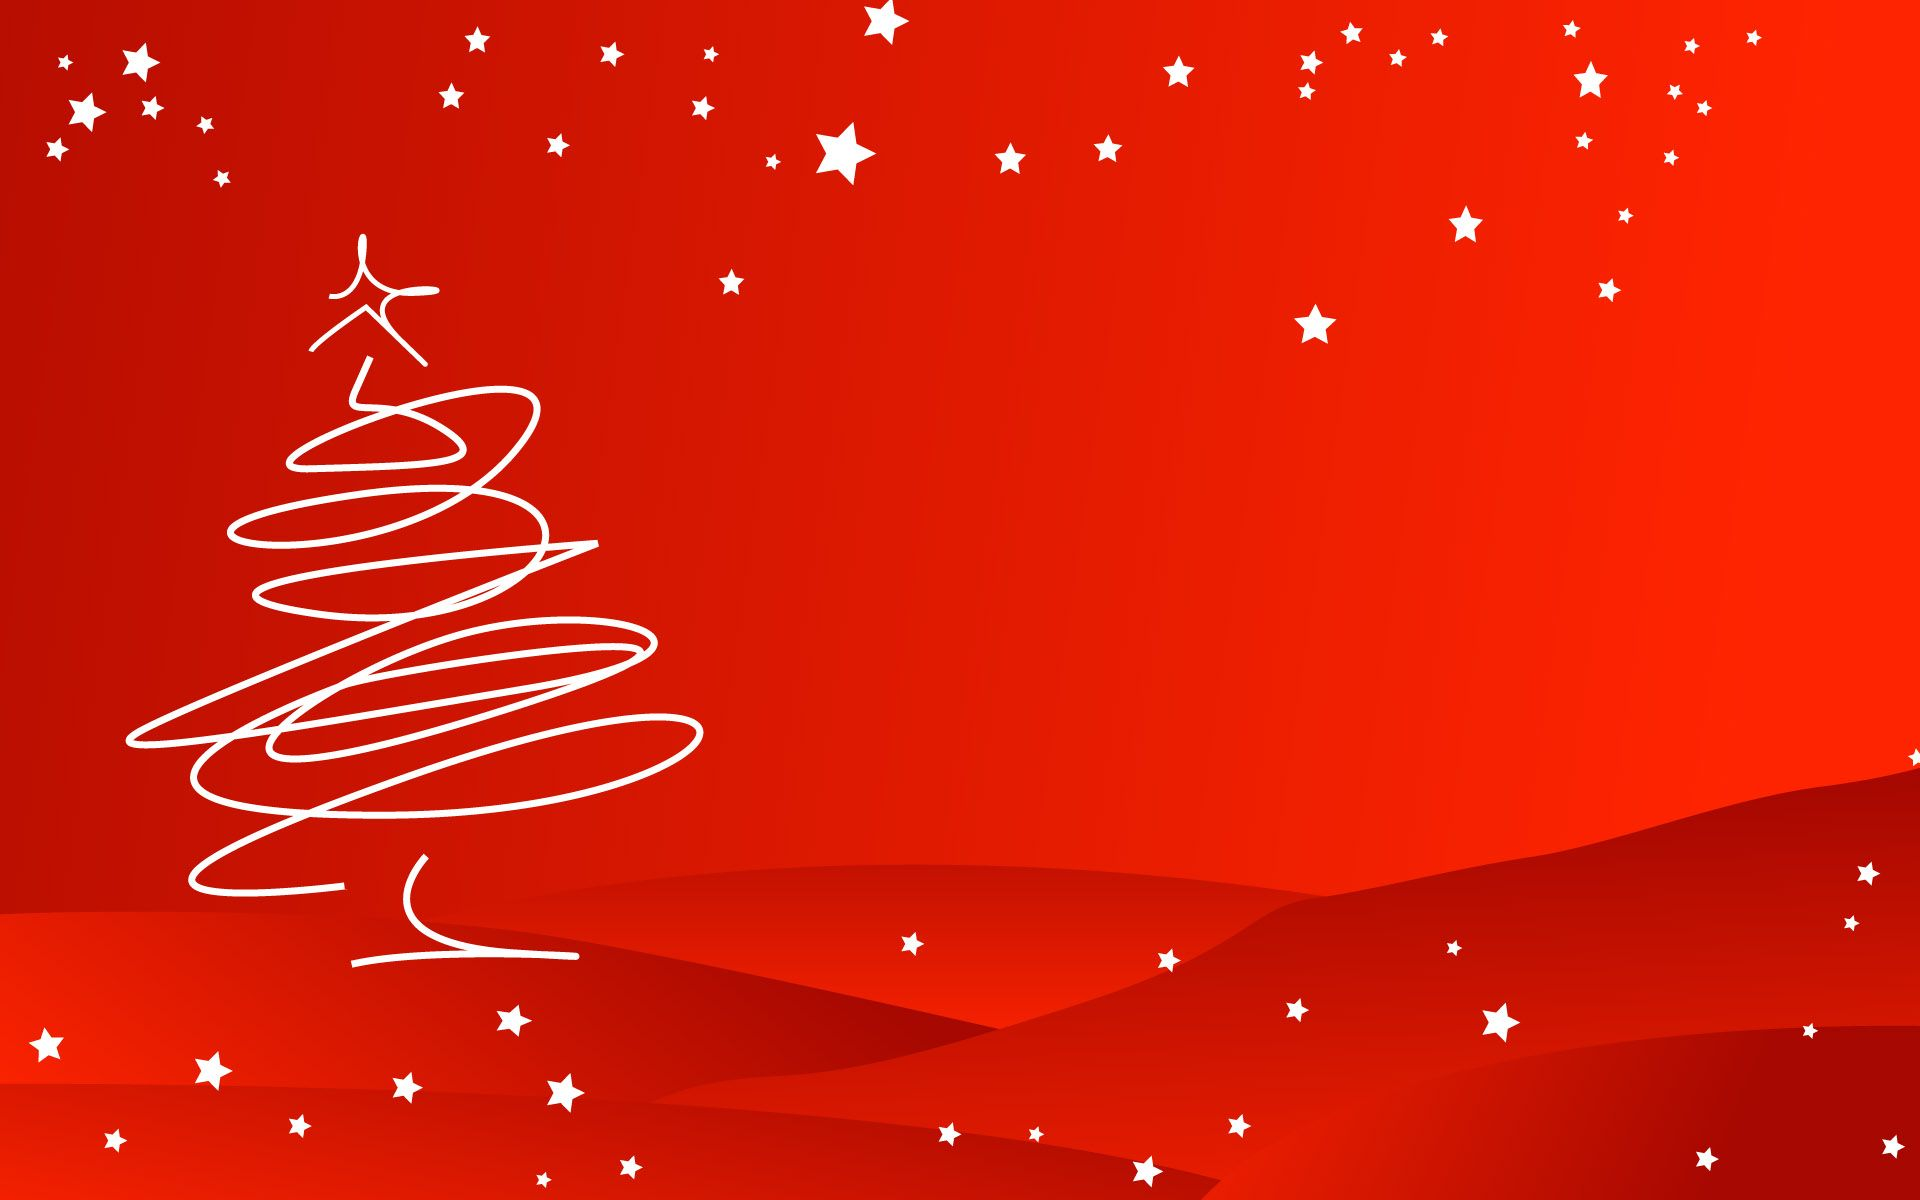 Fondos Verdes De Navidad Para Pantalla Hd 2 Hd Wallpapers: Fondo Rojo Con Arbol De Navidad Hd 1920x1200